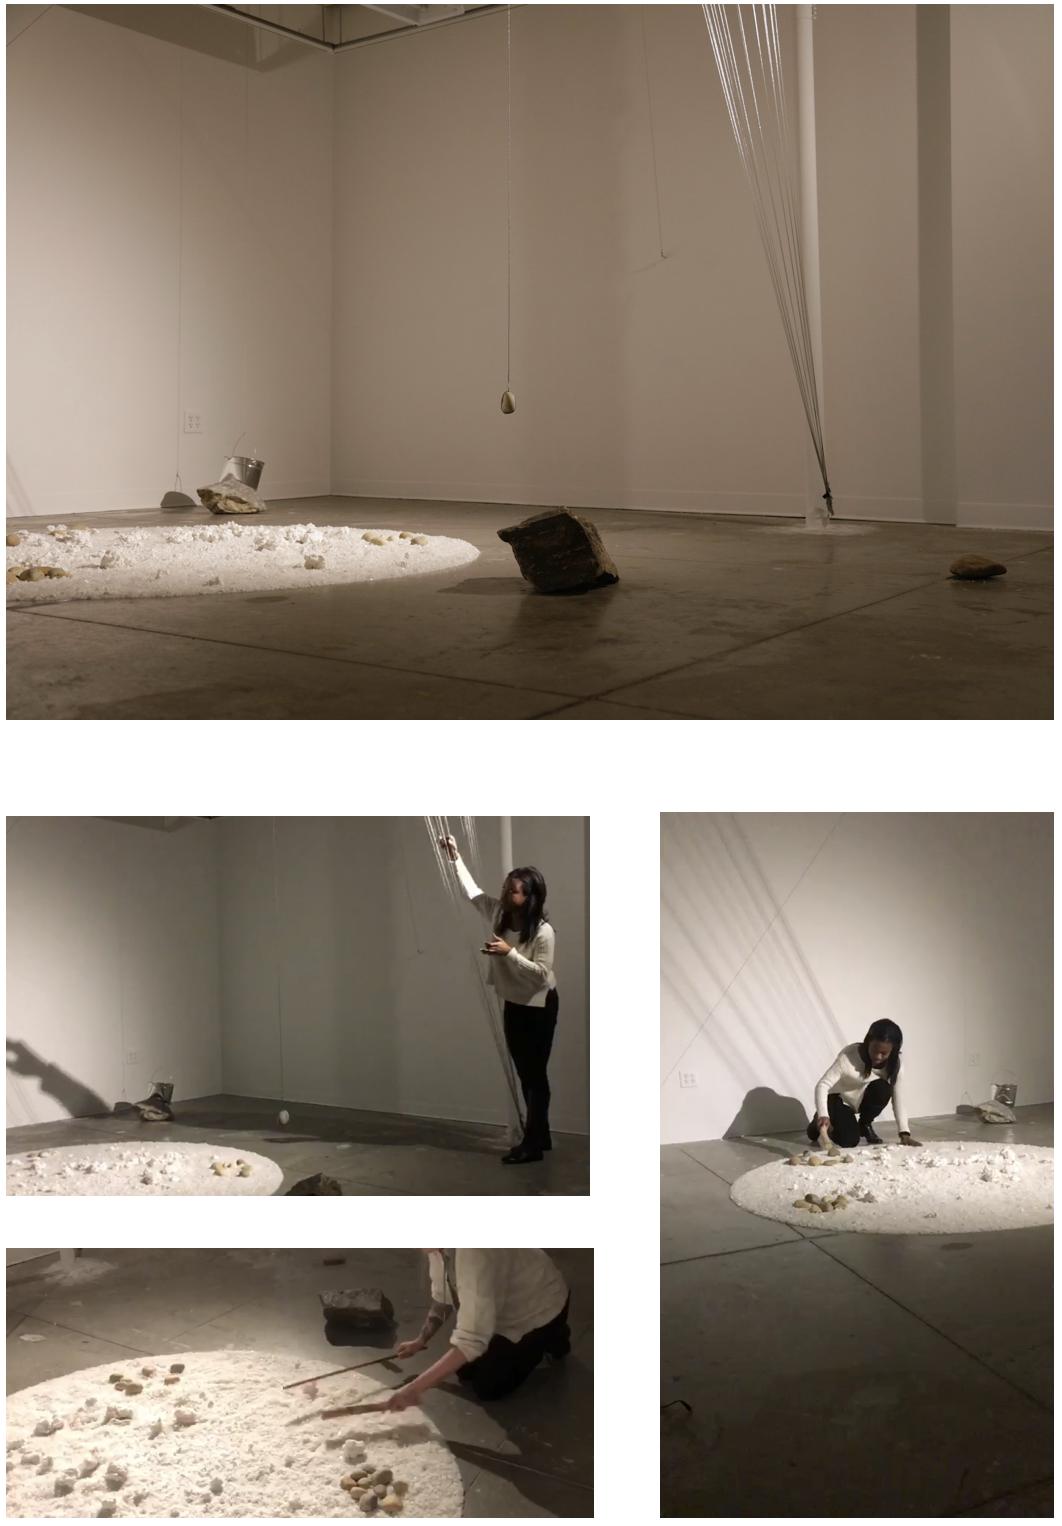 http://yosi-nakamura.com/portfolio/iverse-with-sound-2020/